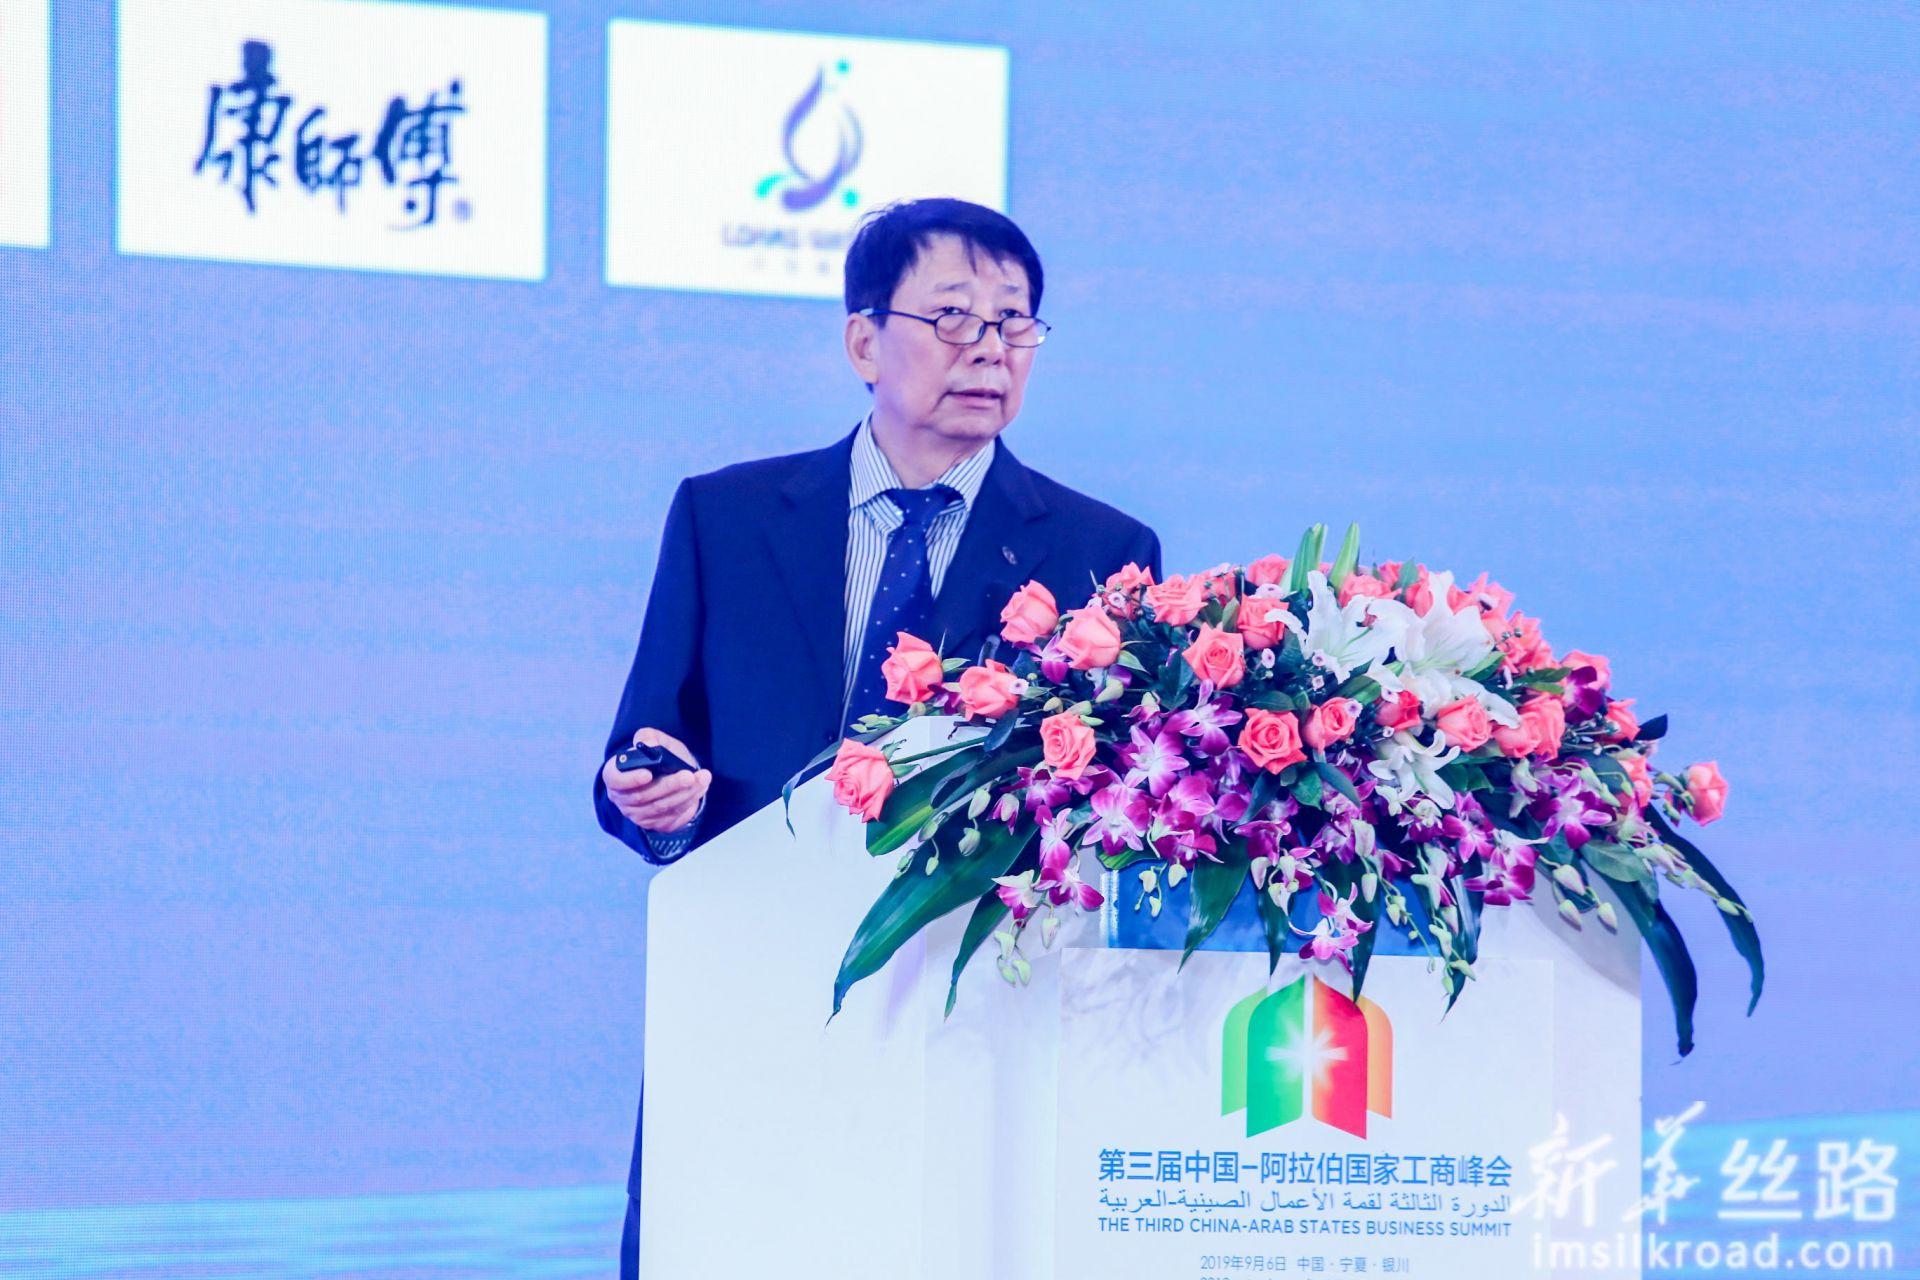 奇瑞汽车股份有限公司国际公司高级副总经理杜维强作主旨发言。